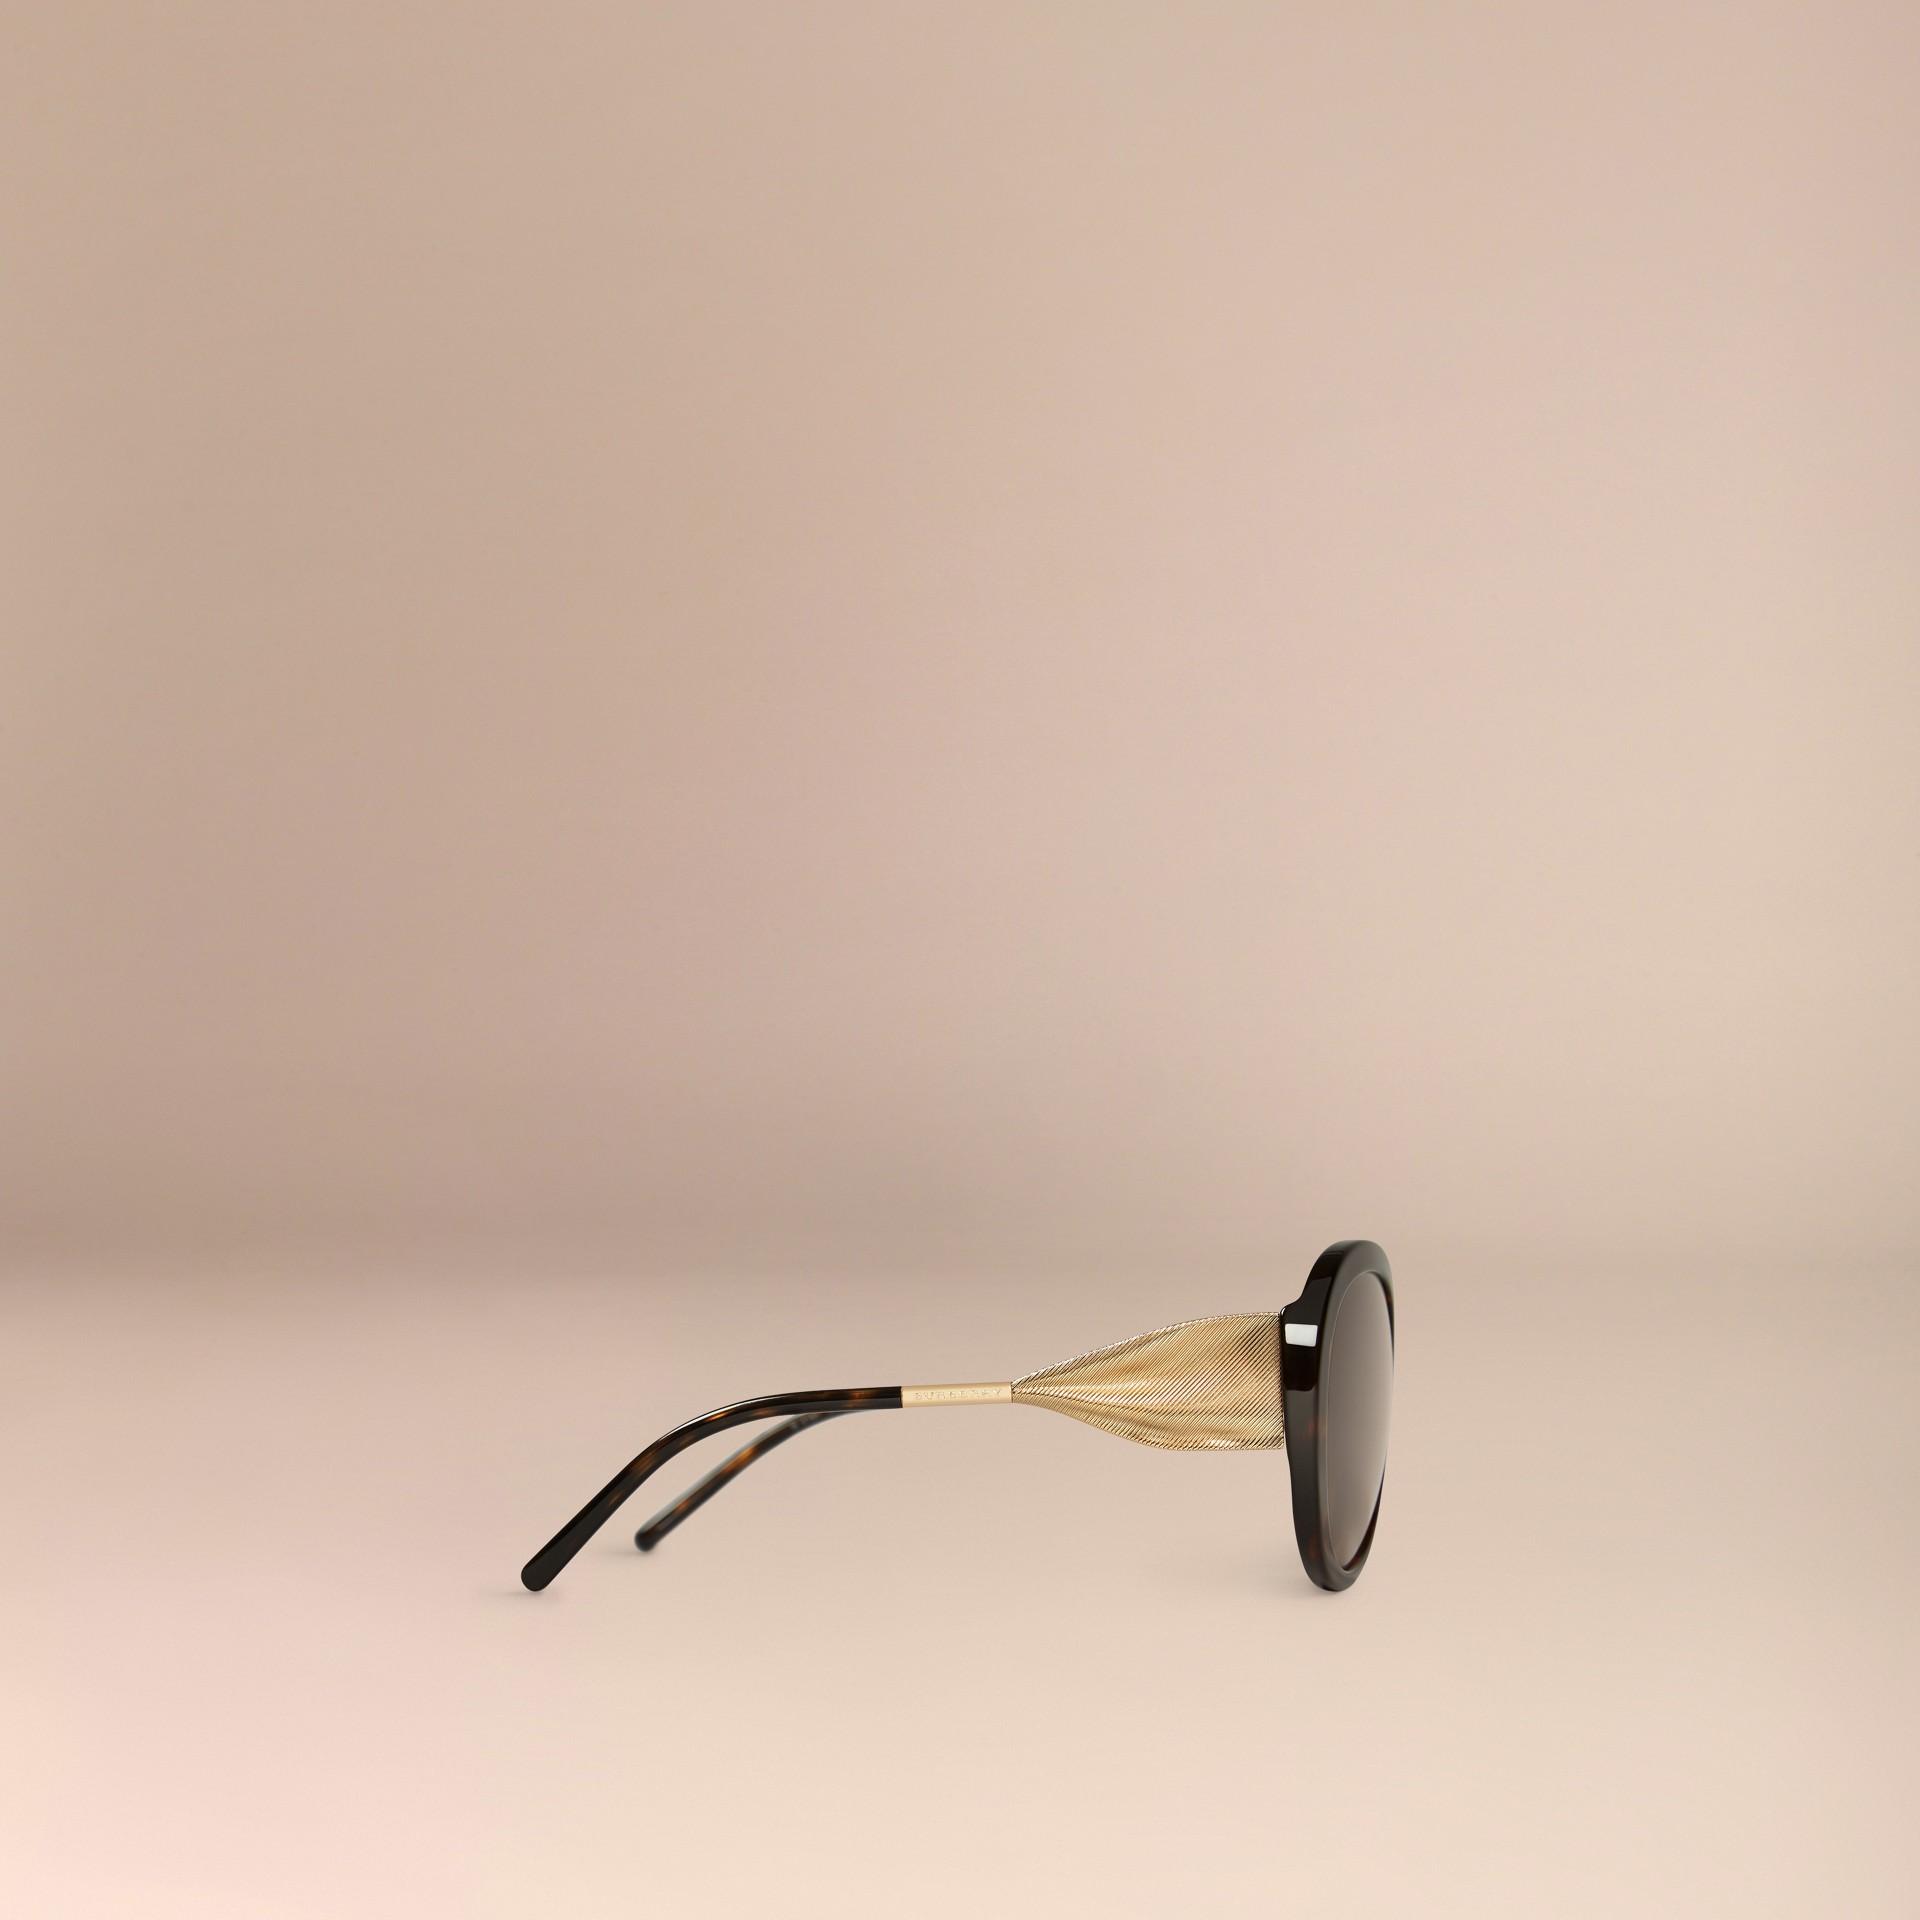 Ebano Occhiali da sole oversize con montatura tonda collezione Gabardine Ebano - immagine della galleria 5